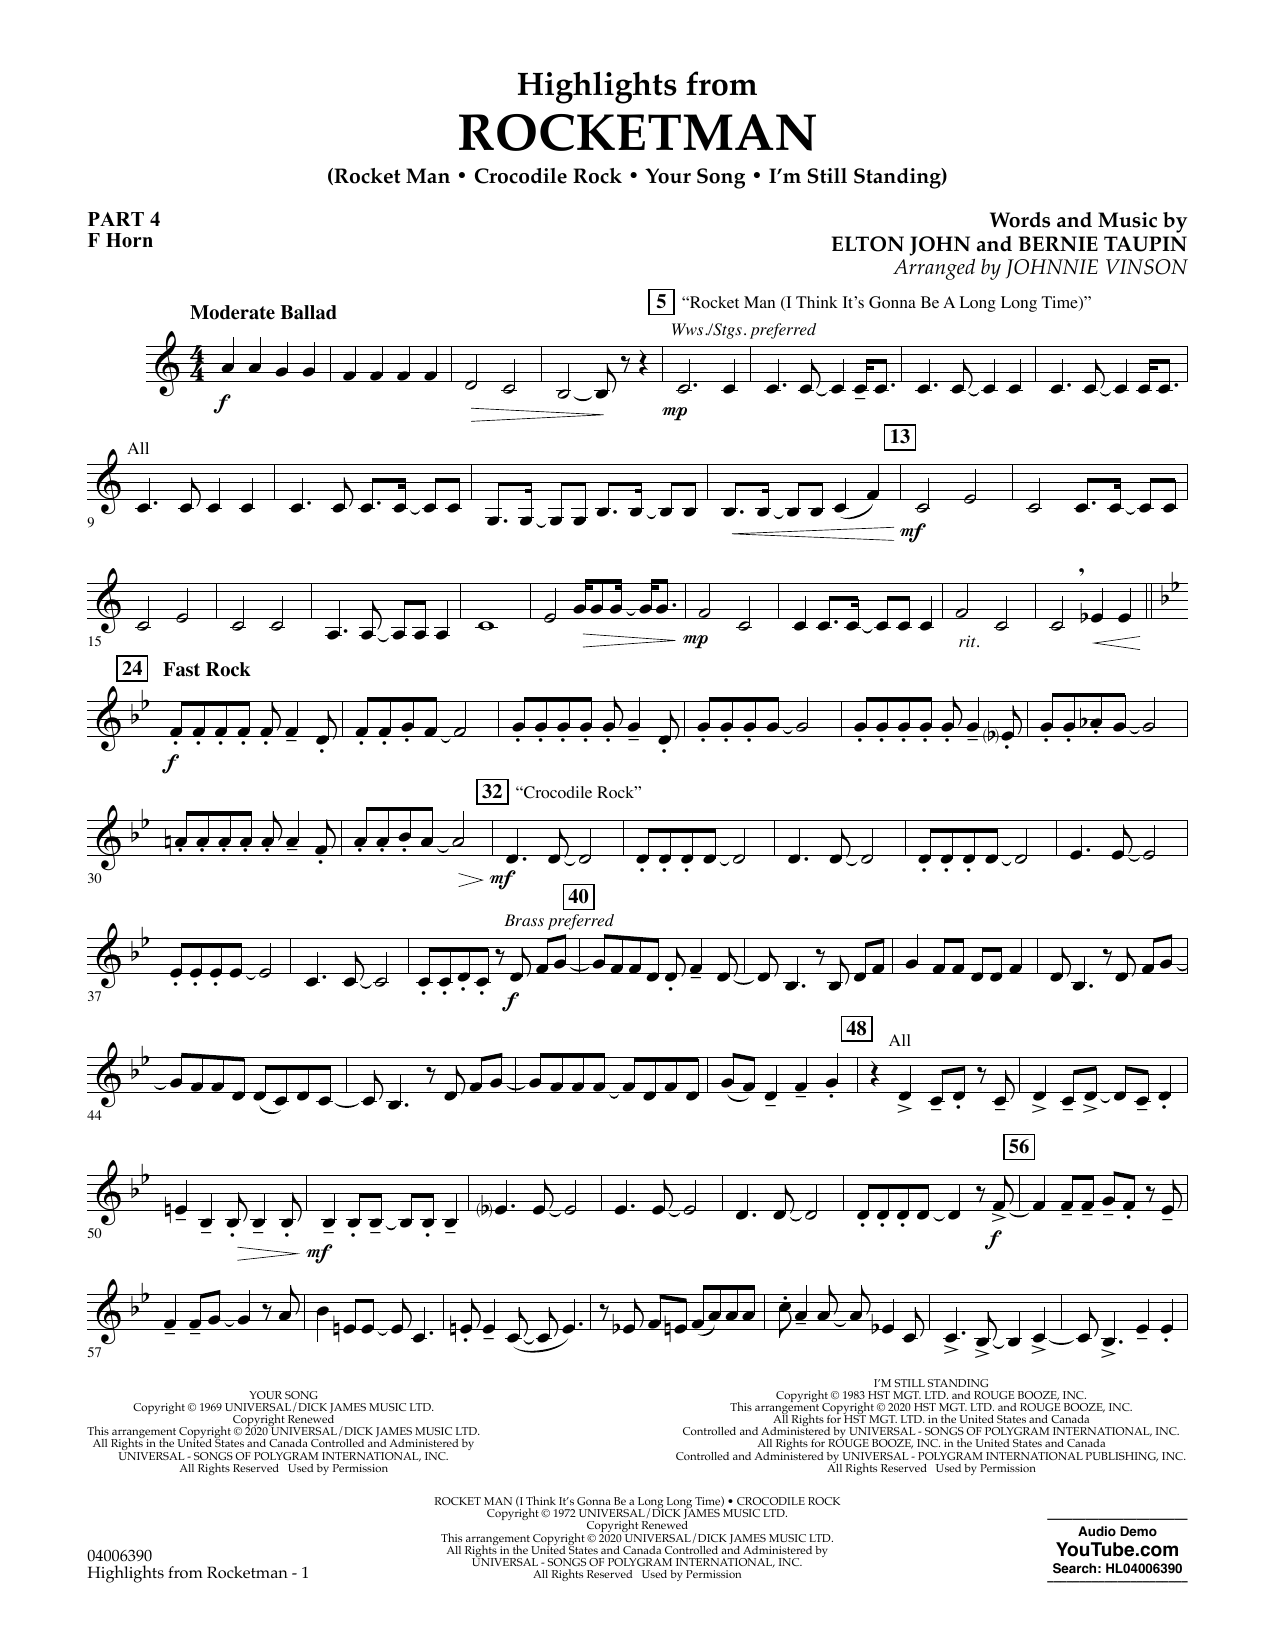 Highlights from Rocketman (arr. Johnnie Vinson) - Pt.4 - F Horn (Flex-Band)